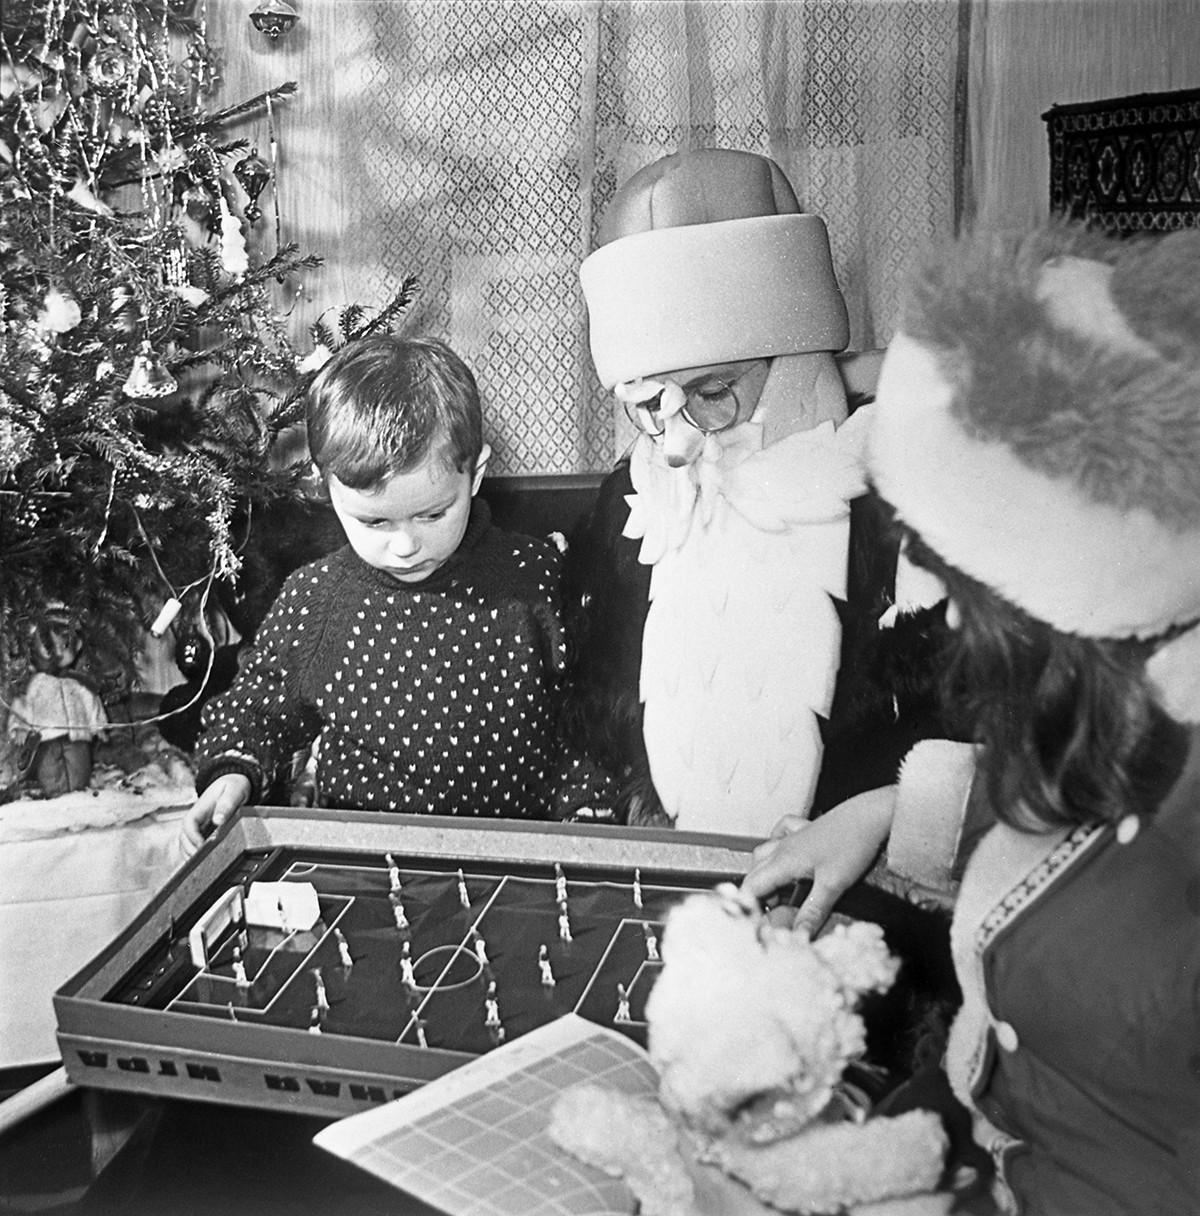 Dedek Mraz bo svoj čas preživel v pogovoru z otroki.